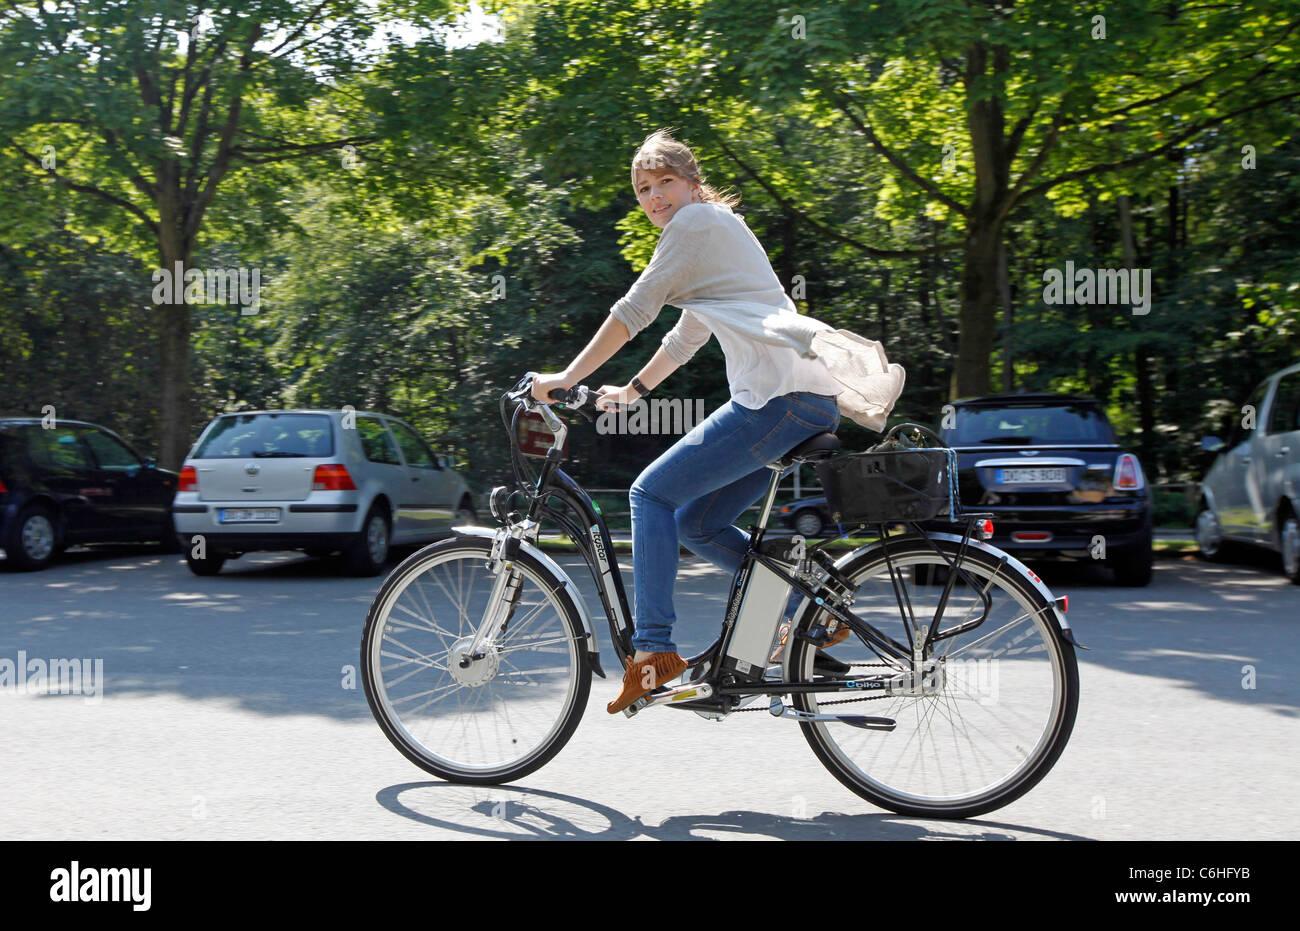 Mädchen reiten auf Elektro-Fahrrad, Pedelec, Ebike, e-Bike, Dortmund, Deutschland Stockbild